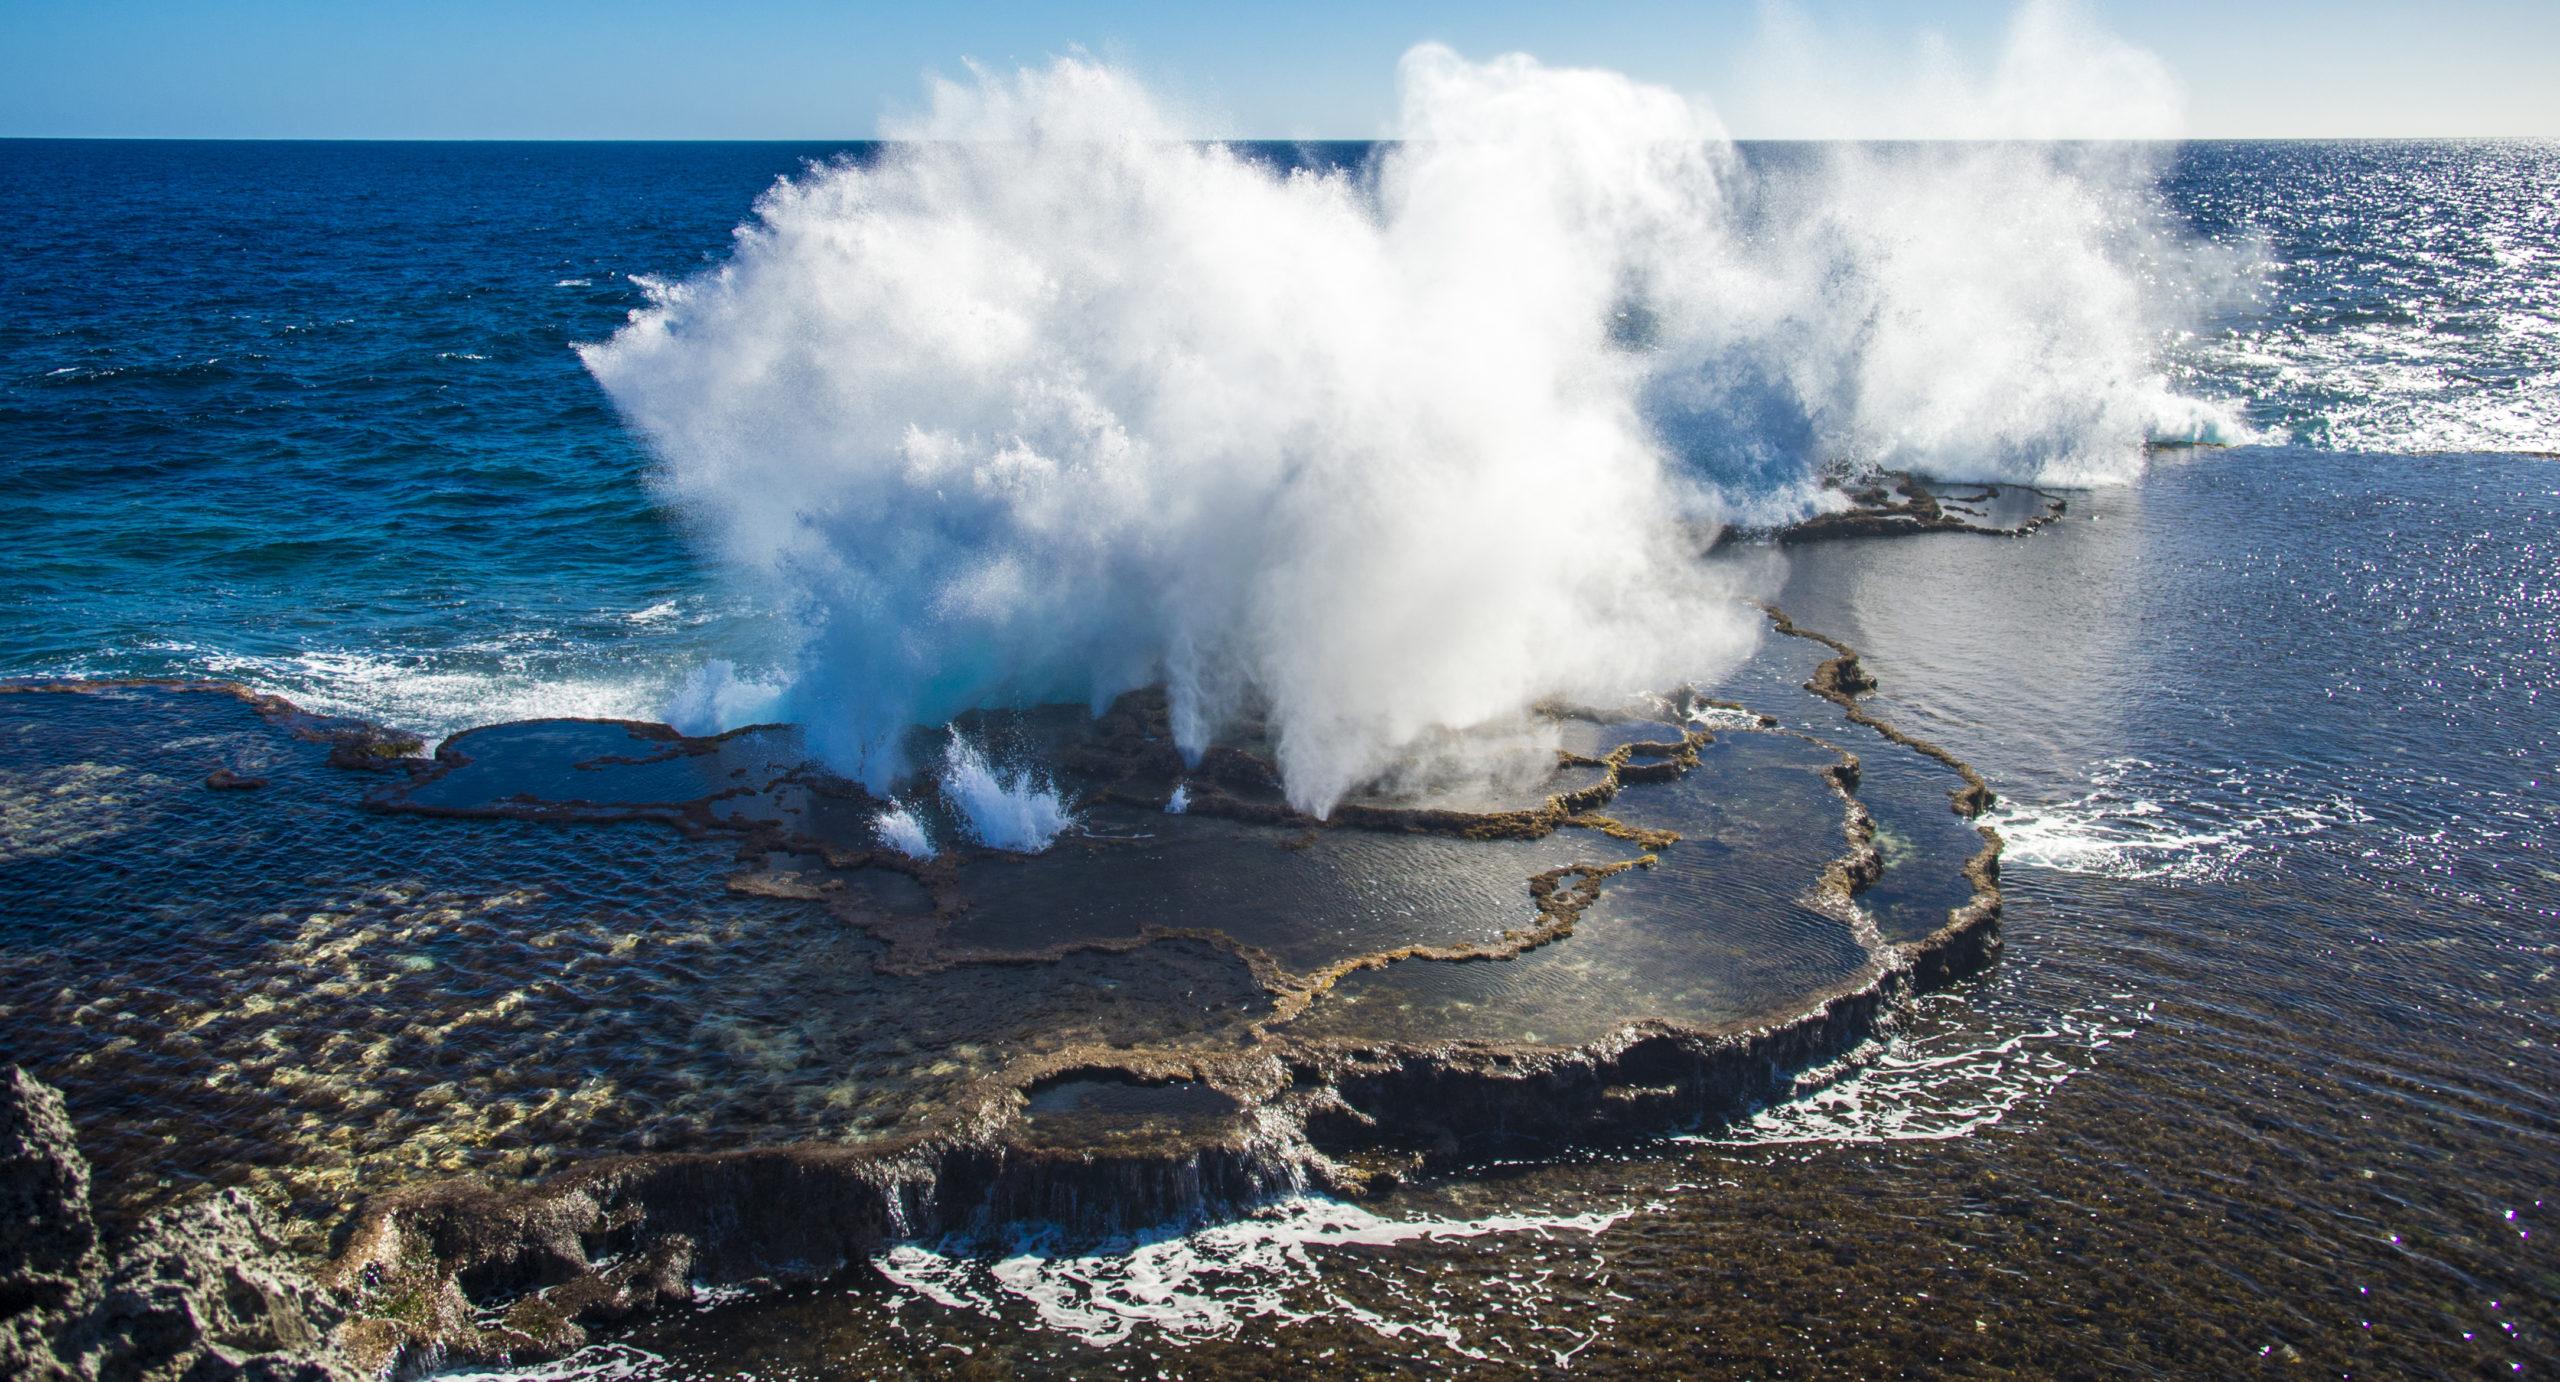 Tonga [Shutterstock]